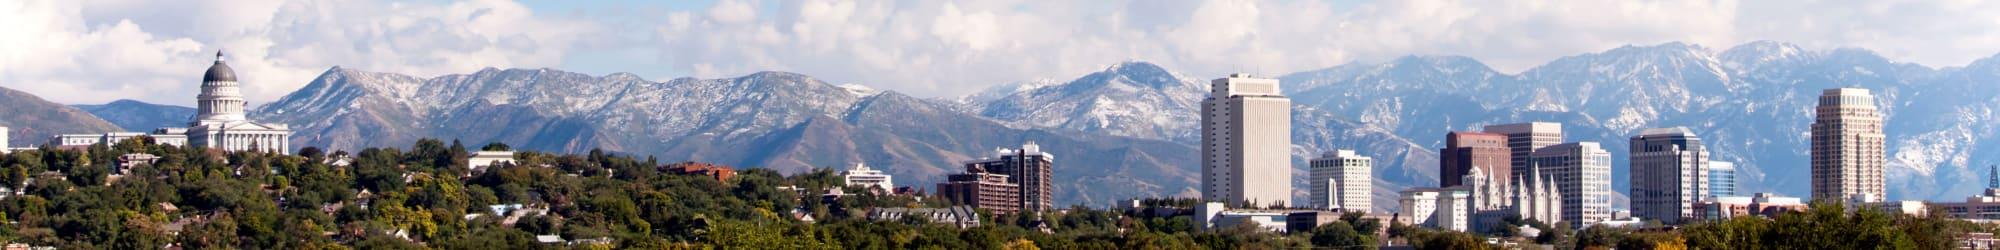 Apply Now at Liberty SKY in Salt Lake City, Utah